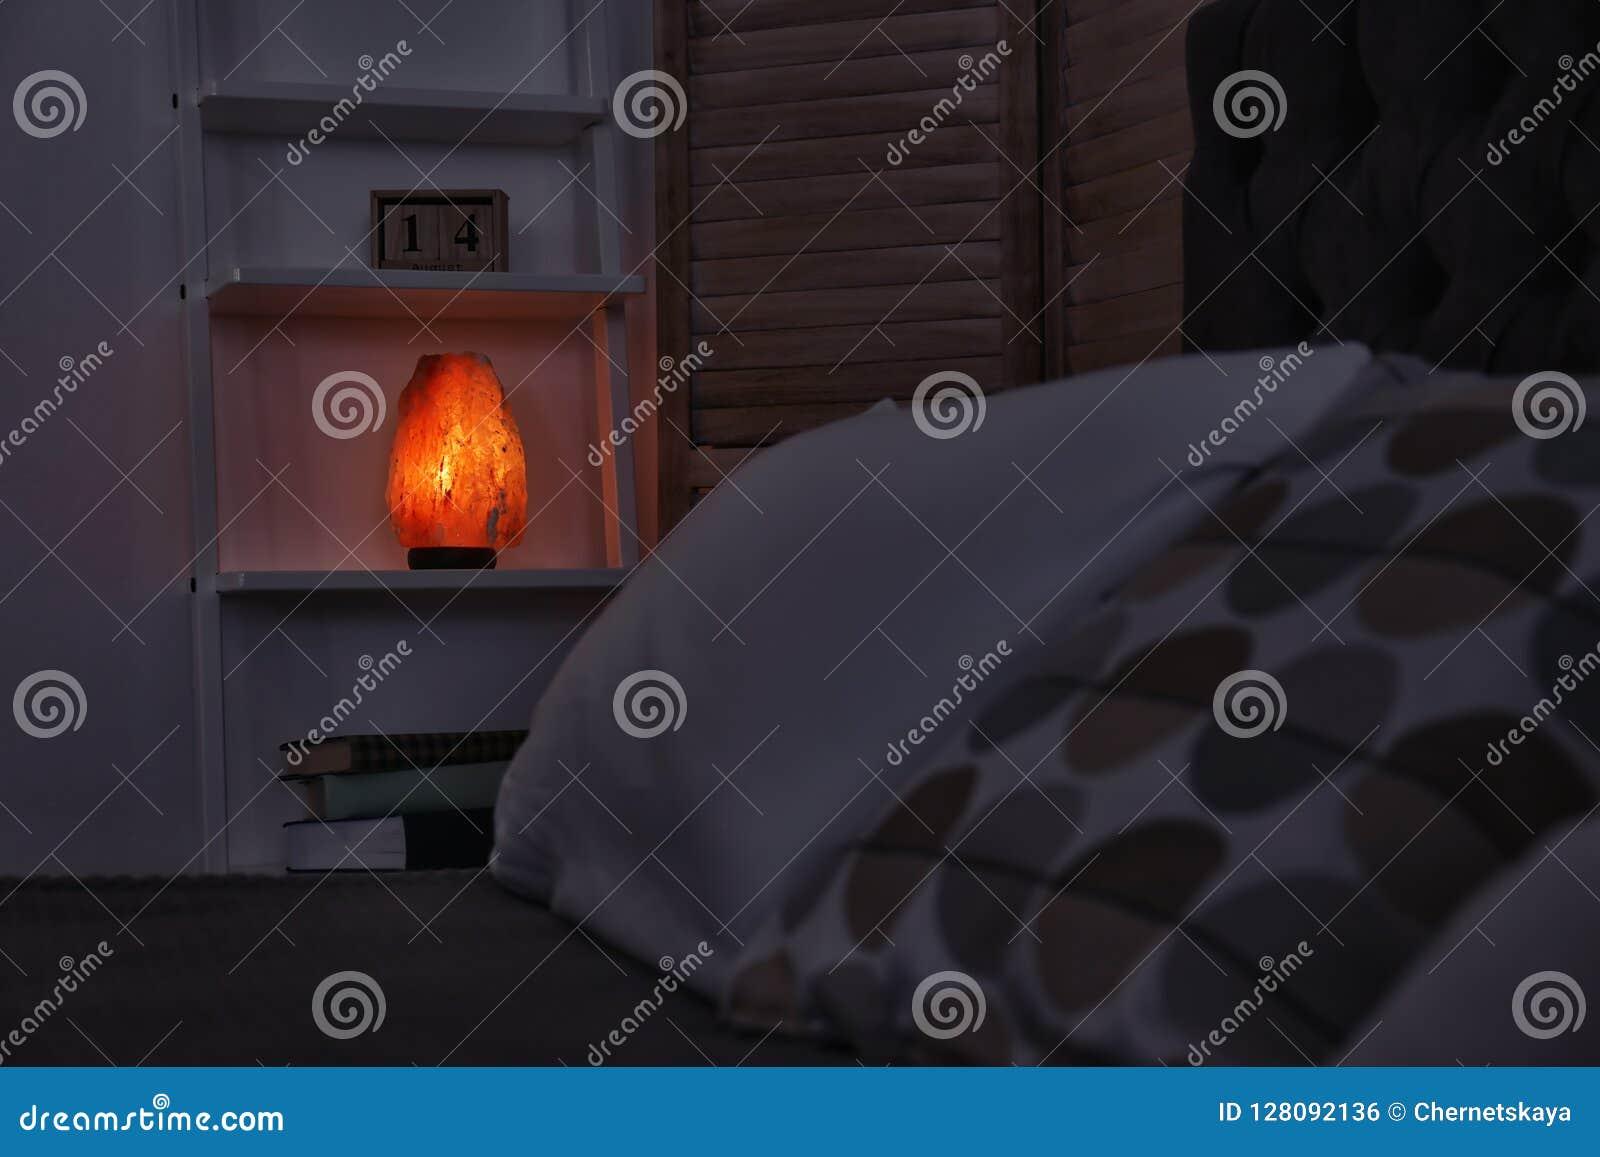 Himalayan salt lampa på hylla